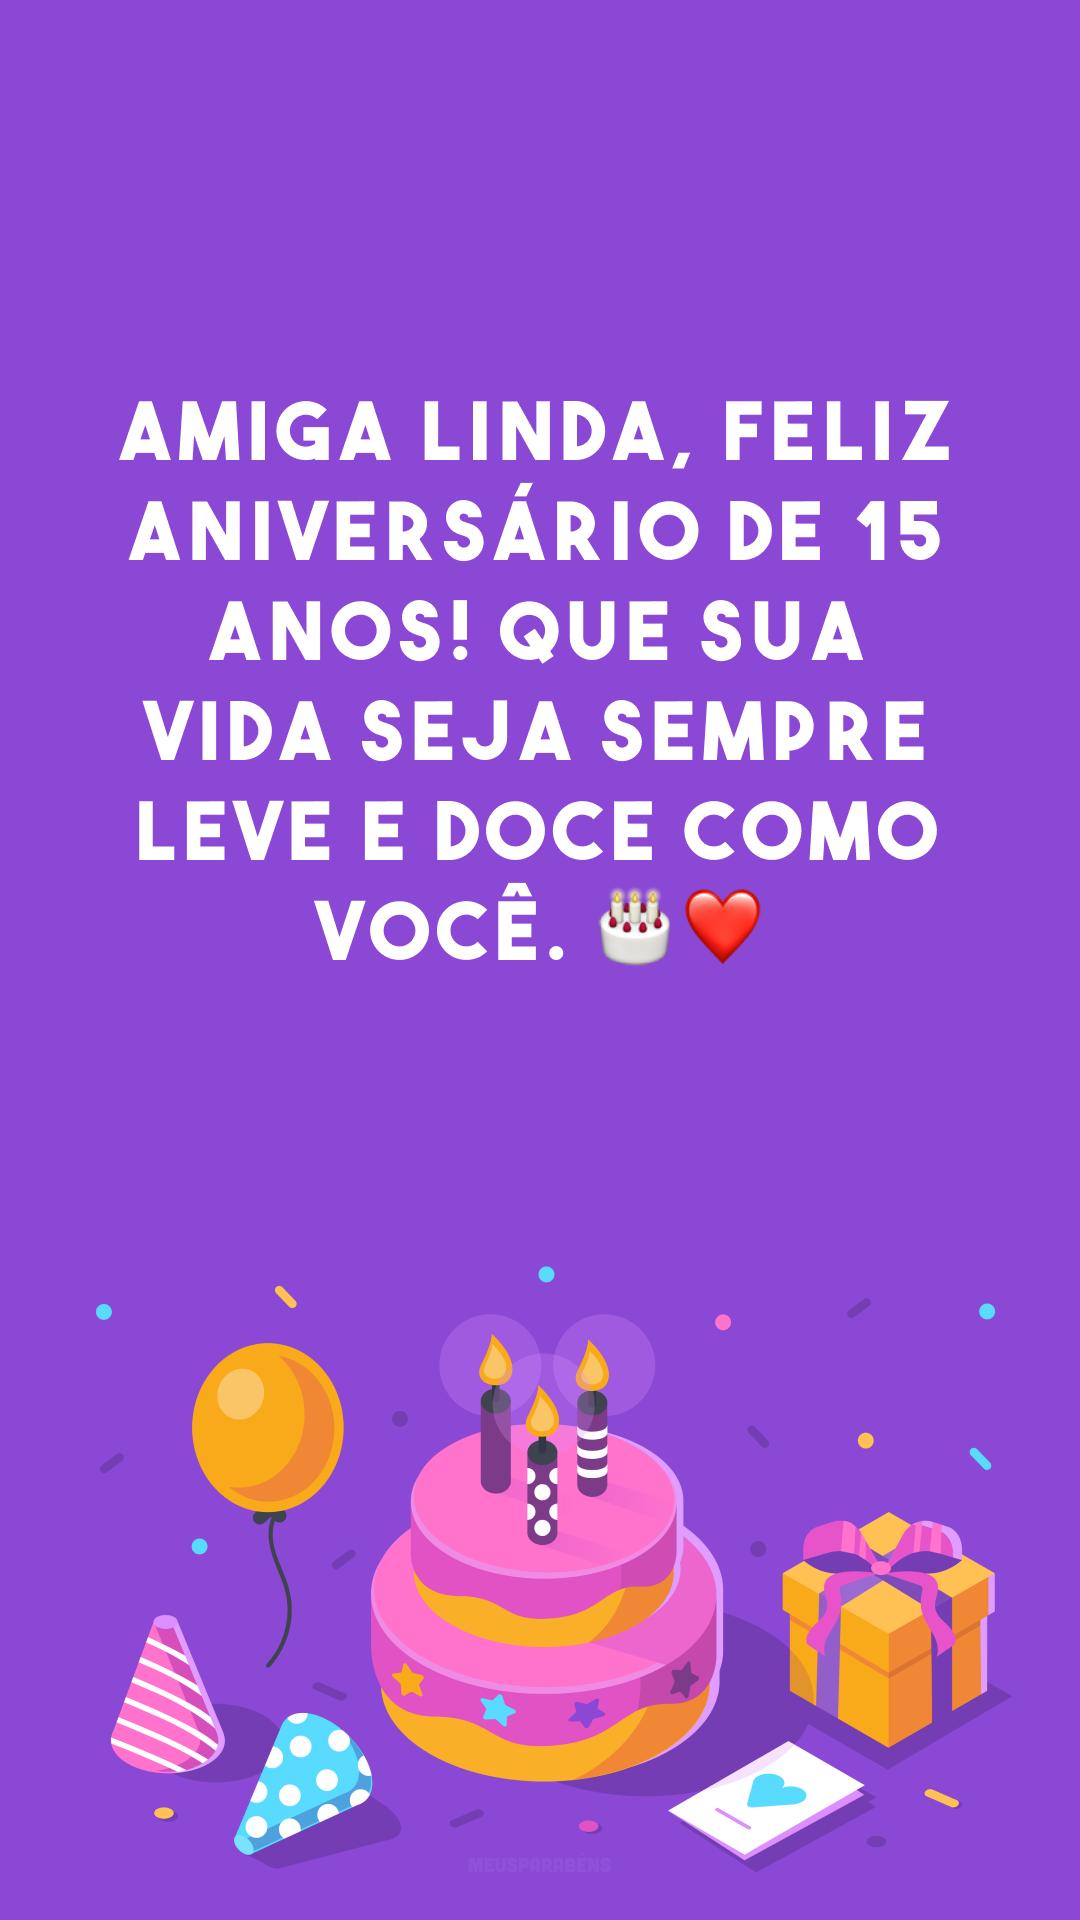 Amiga linda, feliz aniversário de 15 anos! Que sua vida seja sempre leve e doce como você. 🎂❤